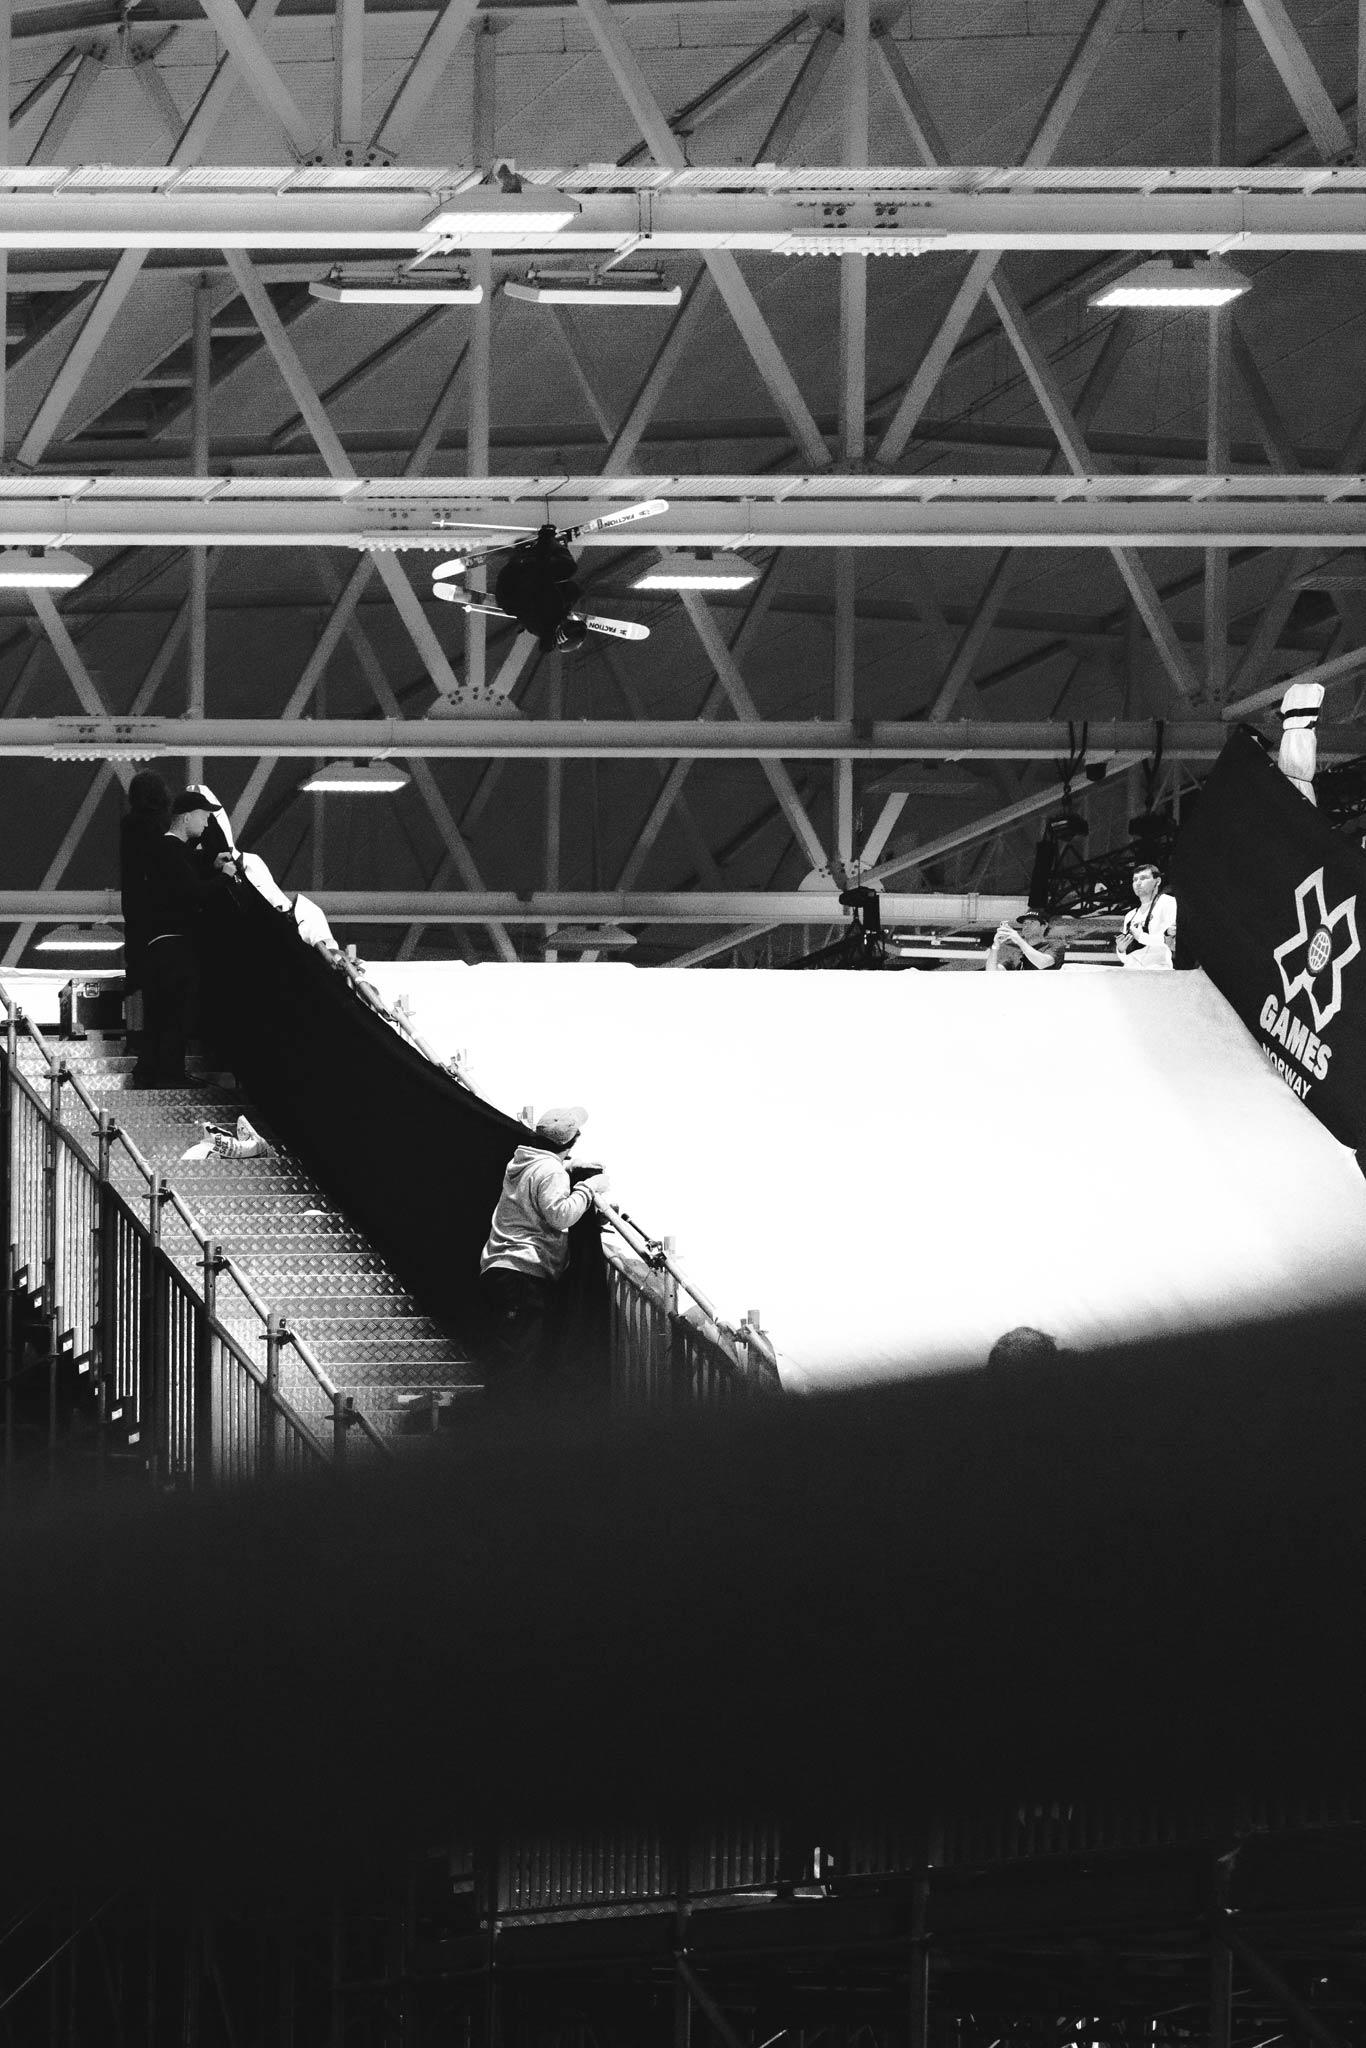 Entgegen einiger Befürchtungen von Fans waren die Rider noch weit vom Dach des Stadions entfernt. - Rider: Giulia Tanno - Foto: Jürgen Nigg